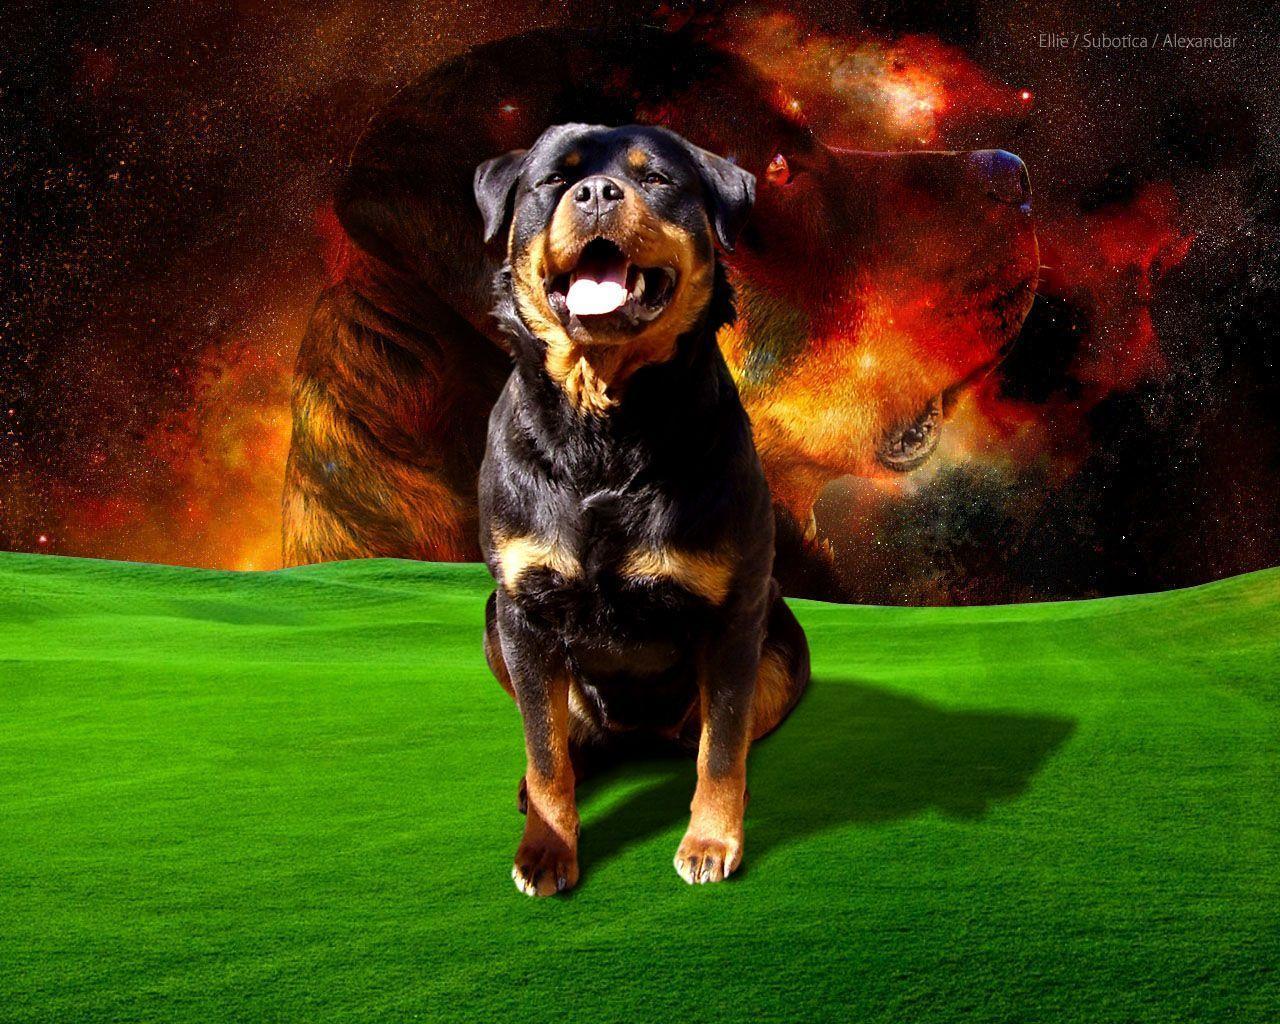 Rottweiler Wallpaper 1280x1024PX ~ Wallpaper Rottweiler #43257